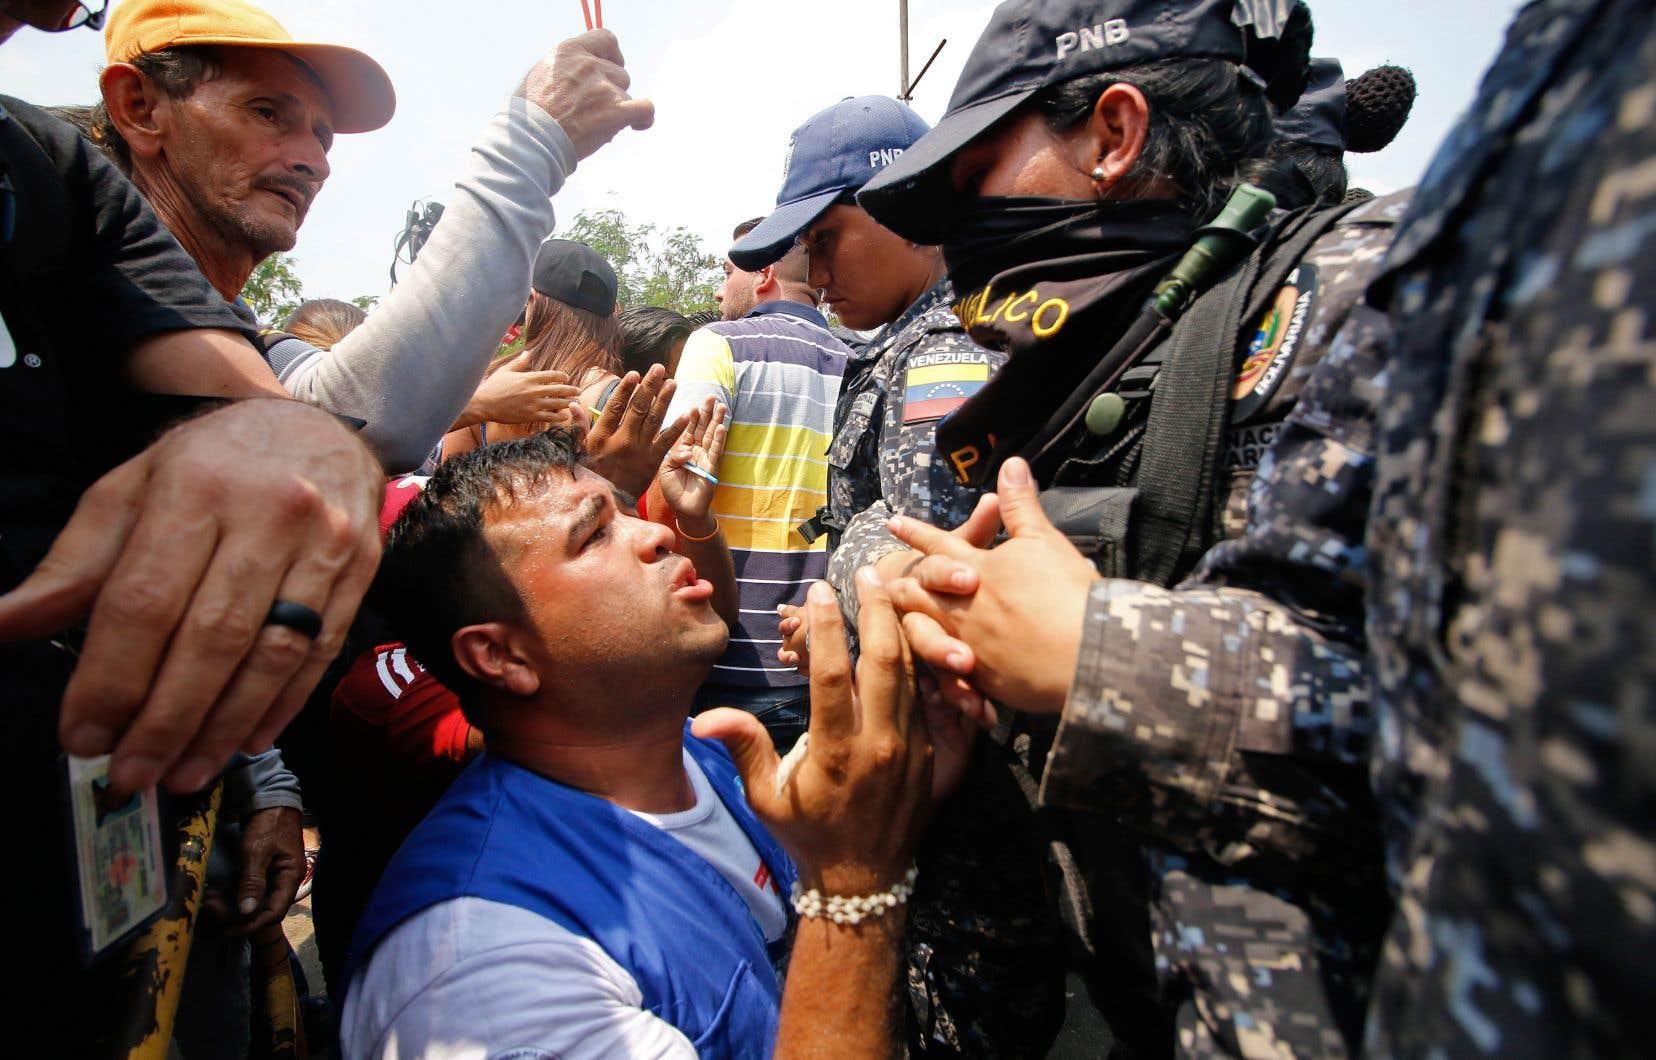 Les forces de l'ordre ont ouvert le feu aux frontières du Venezuela sur des partisans de l'opposant Juan Guaido.